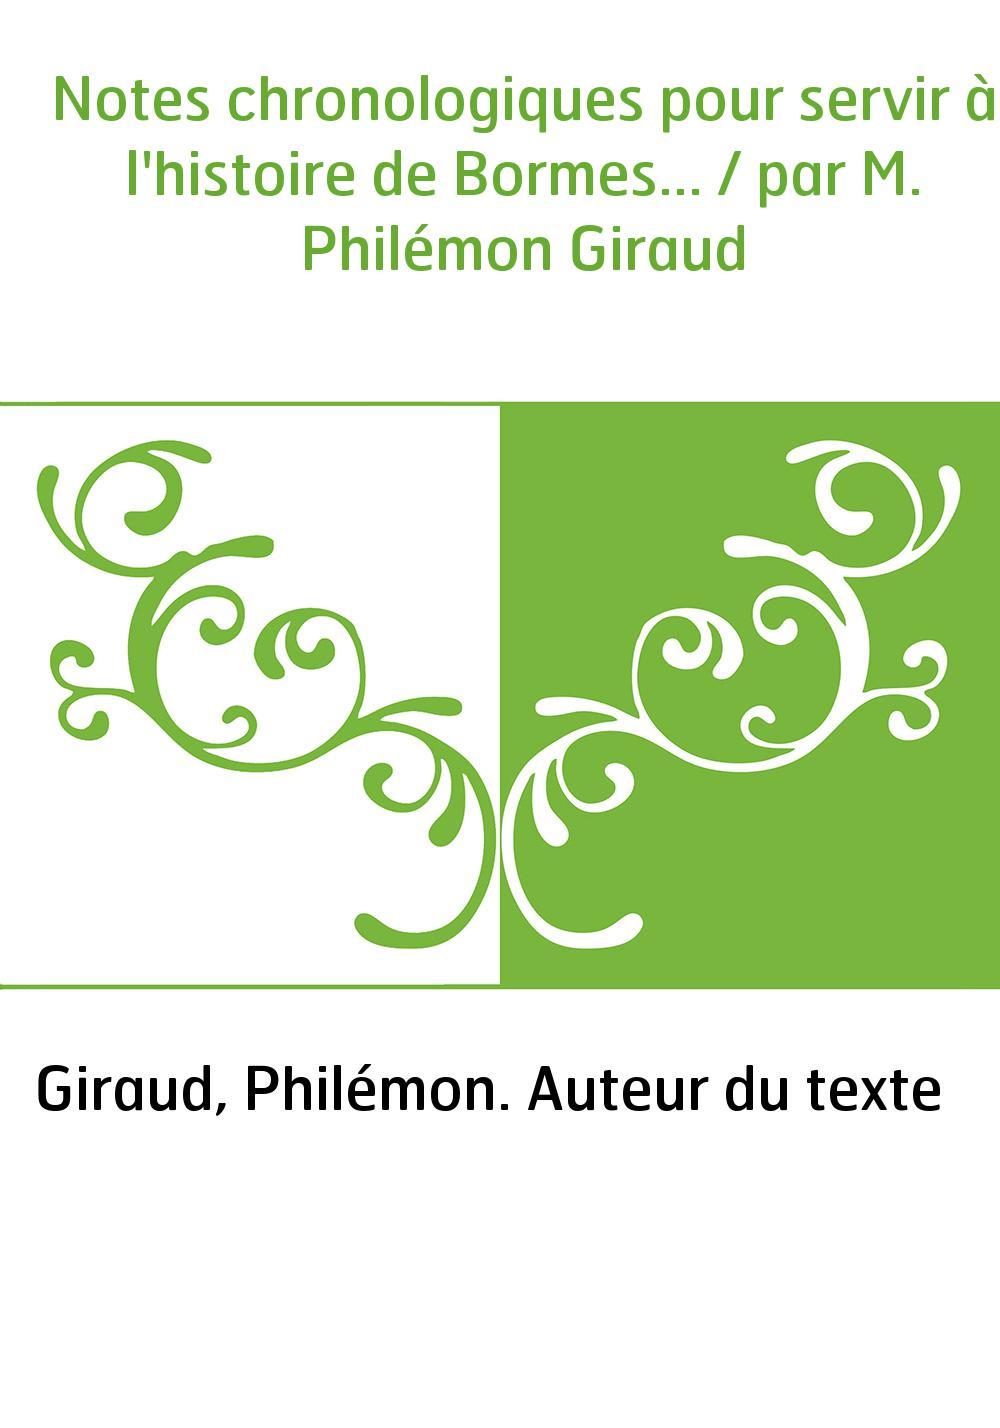 Notes chronologiques pour servir à l'histoire de Bormes... / par M. Philémon Giraud